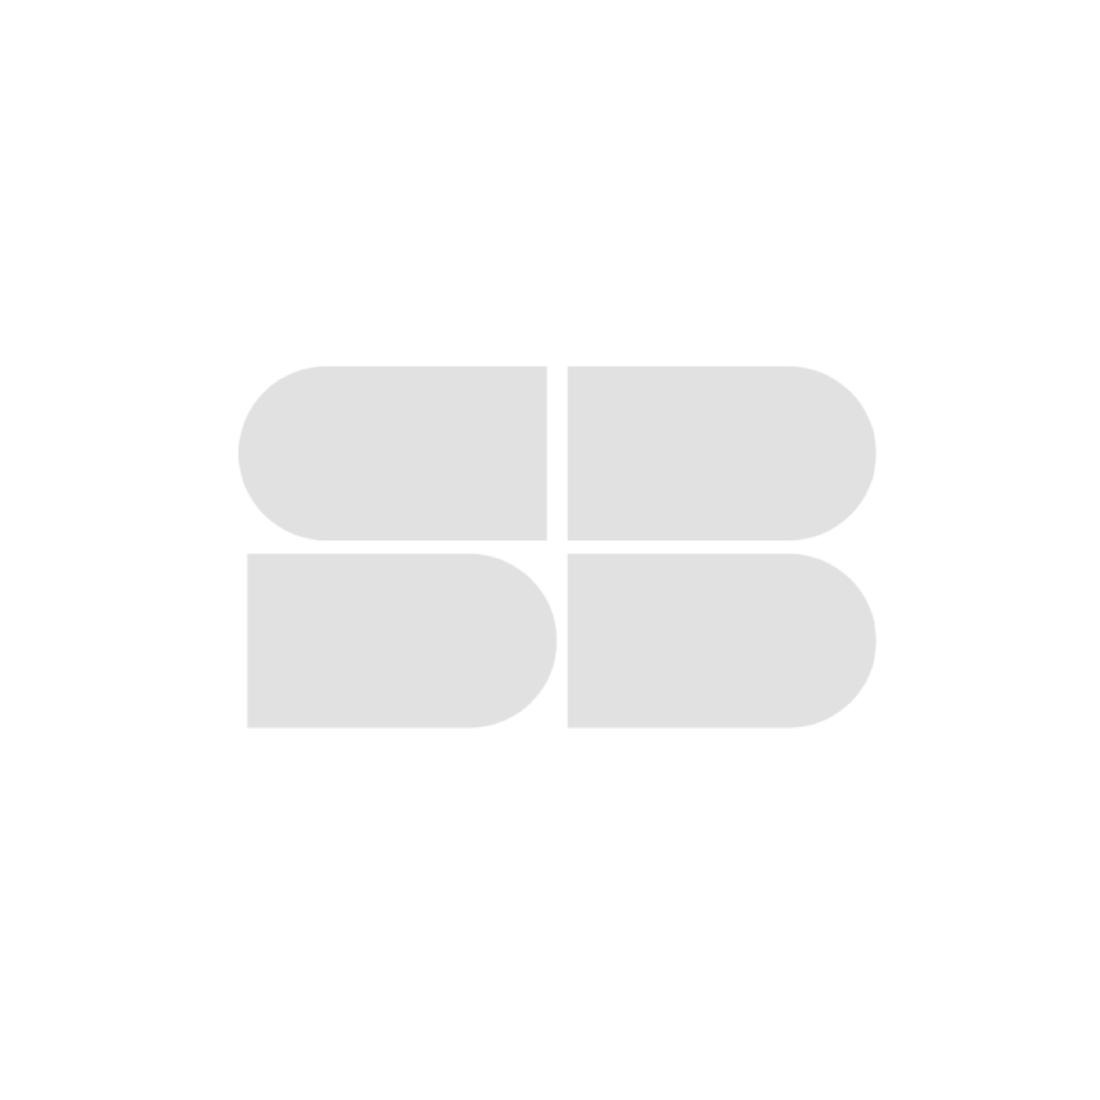 ที่นอน LADY AMERICANA รุ่น HOUSTON ขนาด 6 ฟุต -01